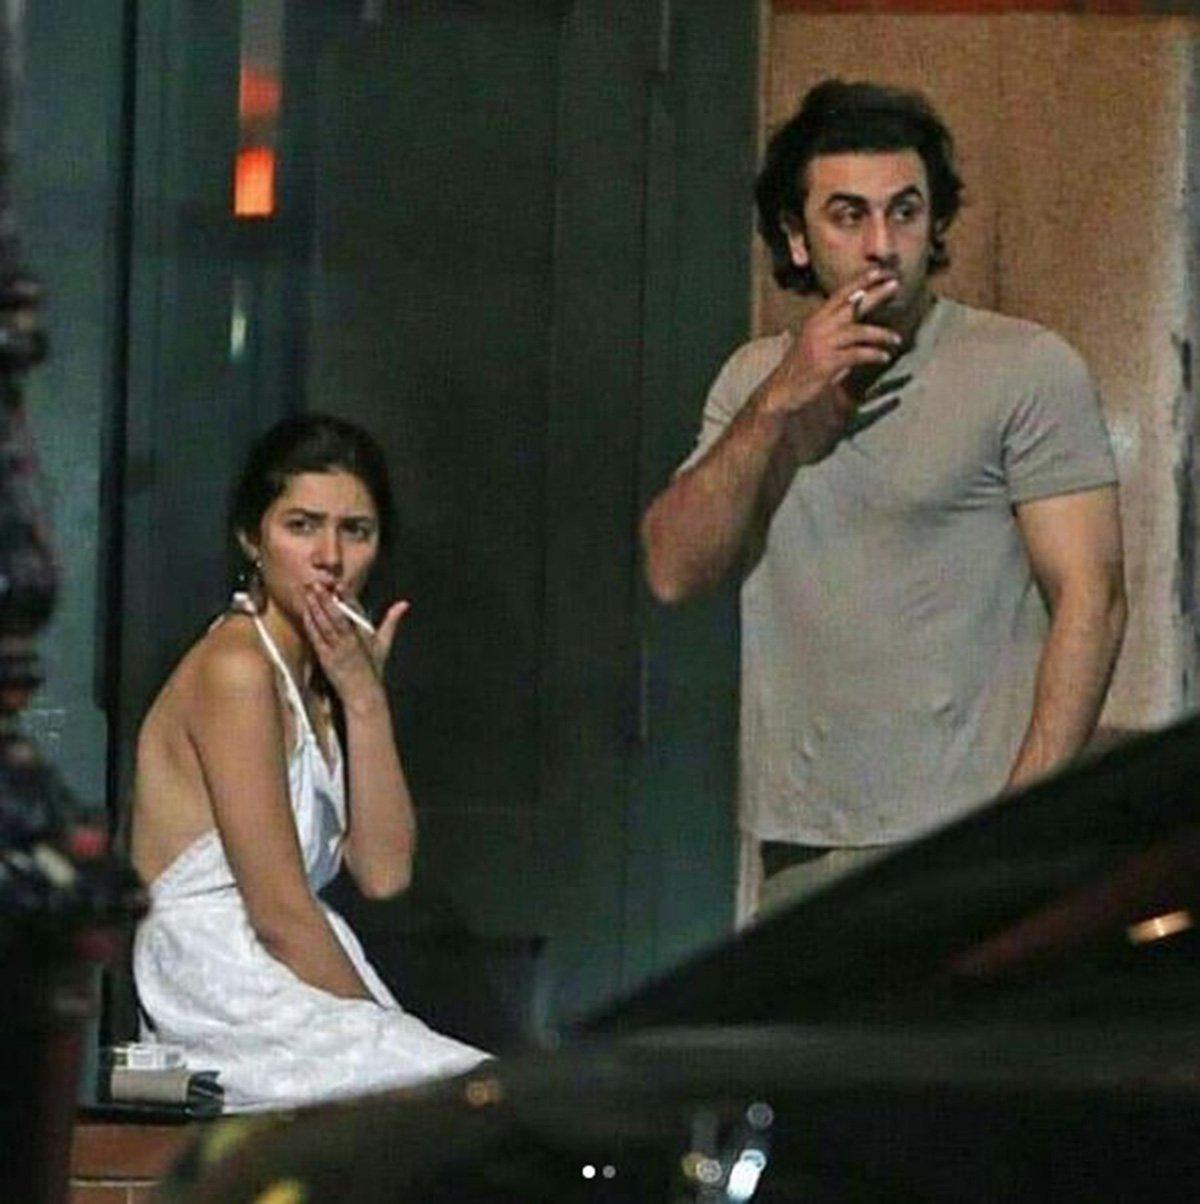 Bollywood actress Mahira Khan accused of 'bringing faith into disrepute' over smoking photo